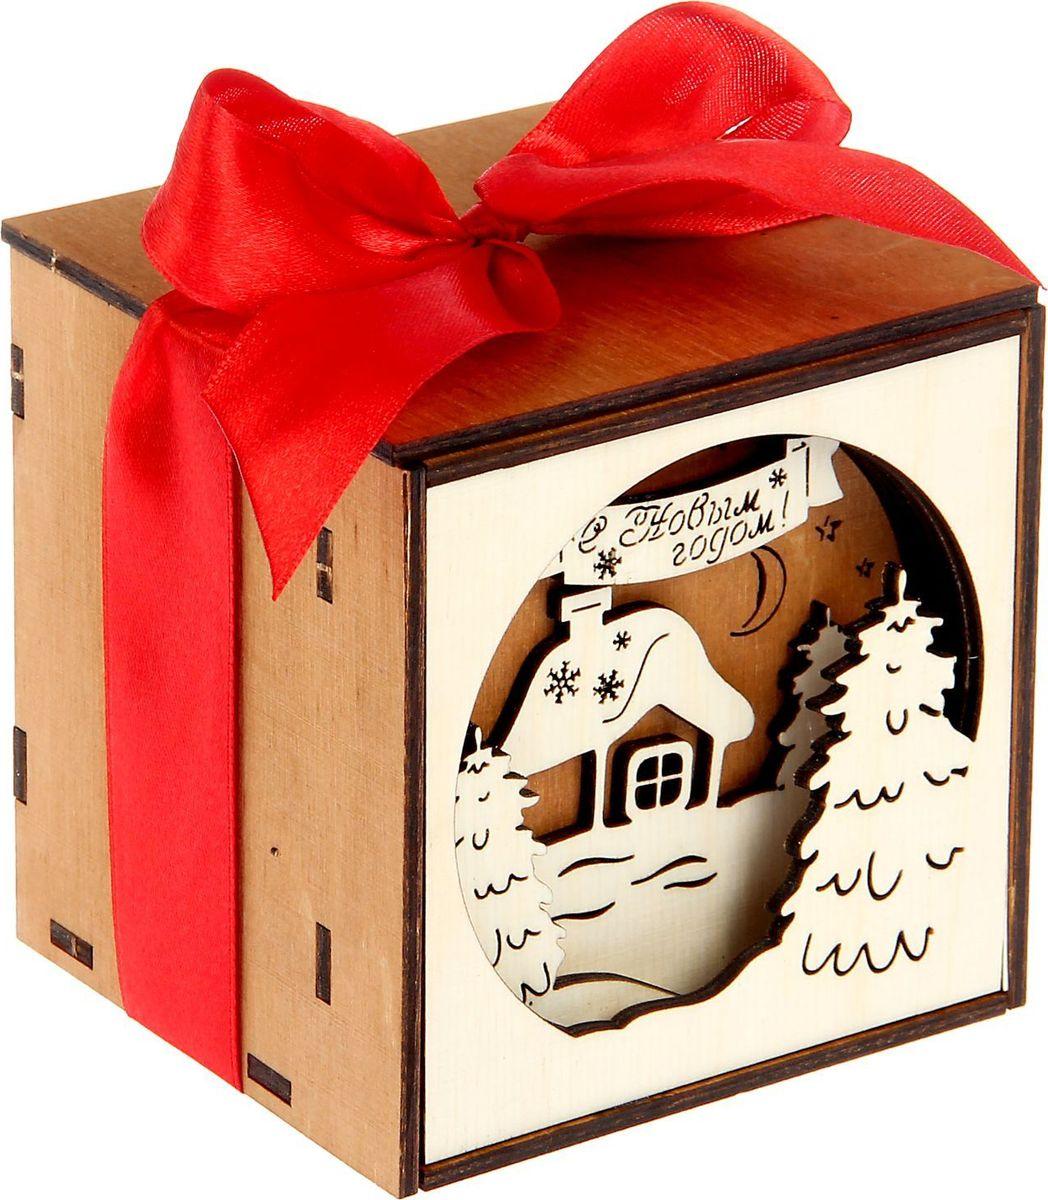 Шкатулка Sima-land С Новым годом!, цвет: коричневый, 10 х 10 х 10 см1530114Шкатулка — это небольшой сувенир, а также оригинальная упаковка подарка. Она дополнит интерьер спальни, гостиной или прихожей. Изделие предназначено для хранения украшений: колец, браслетов, часов, цепочек, колье, сережек и прочих предметов.